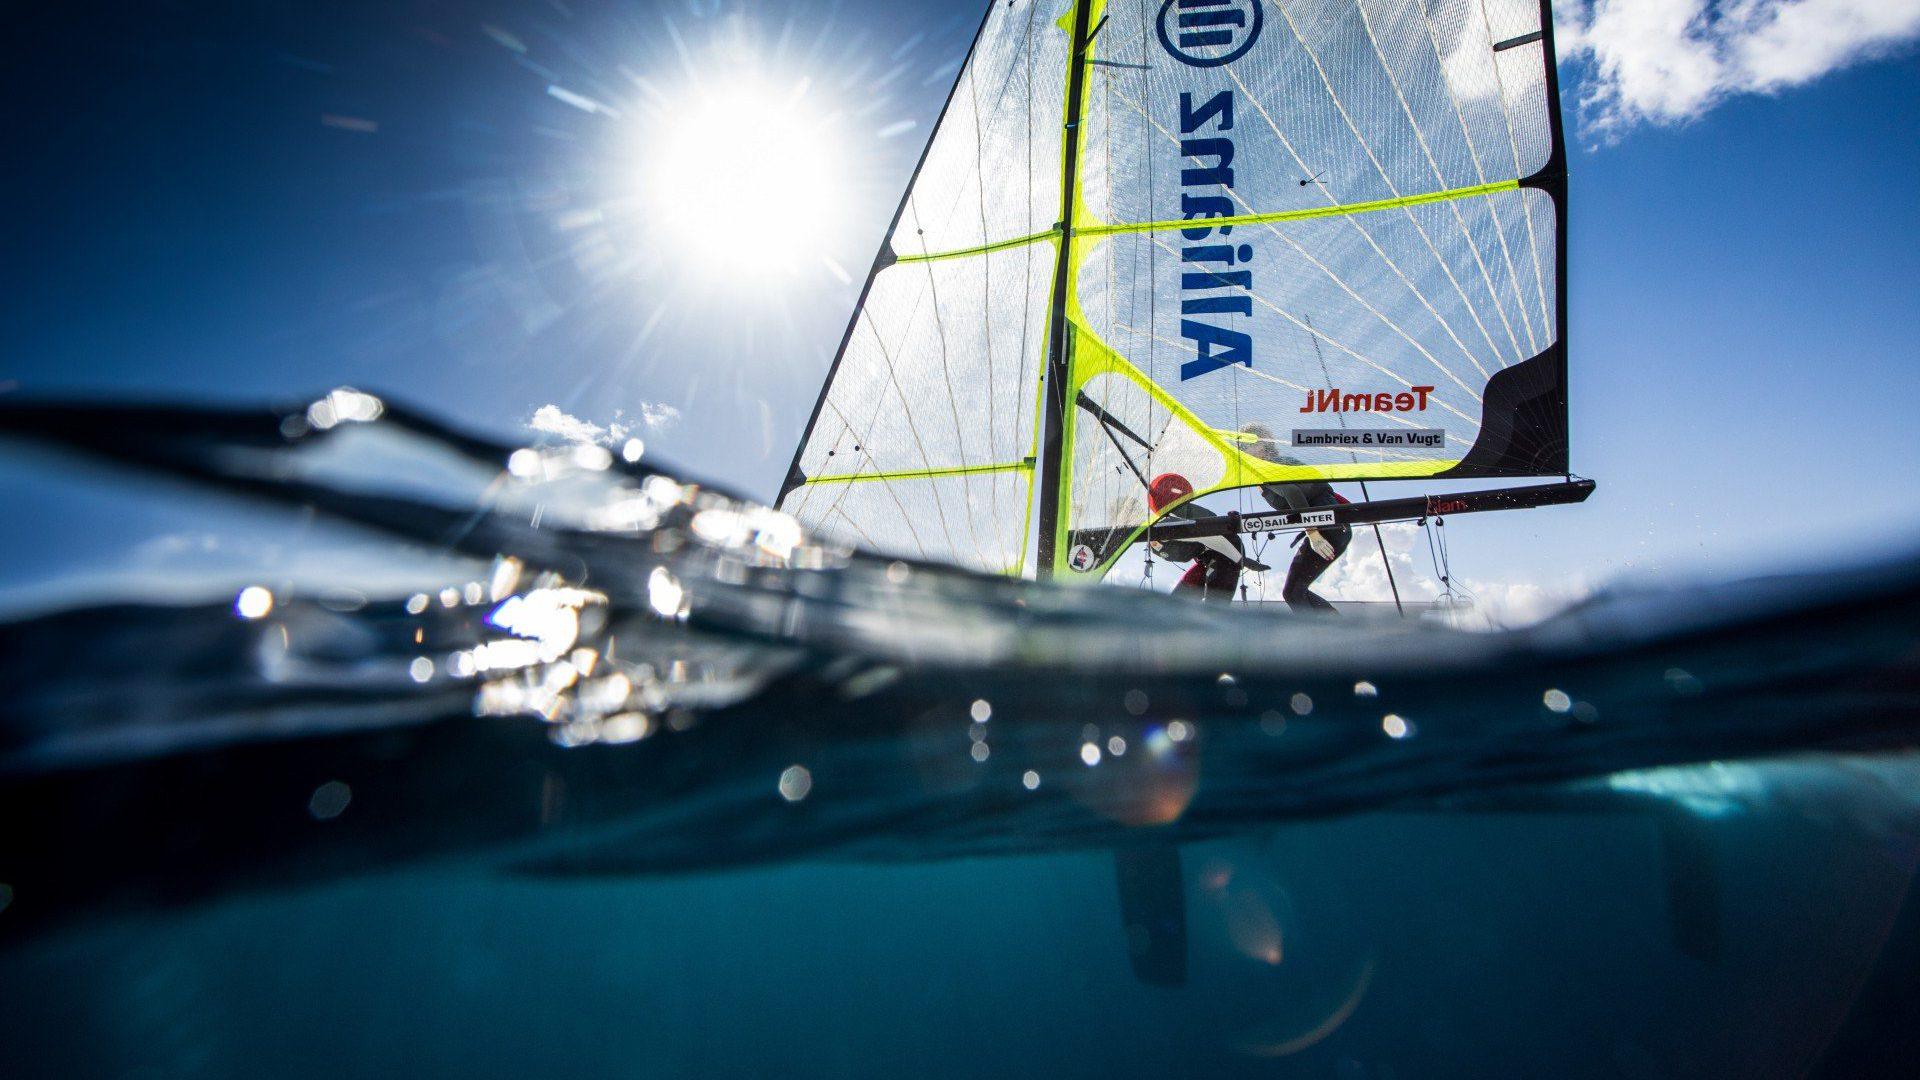 Bart-Lambriex-and-Pim-van-Vugt-Team-Allianz-167